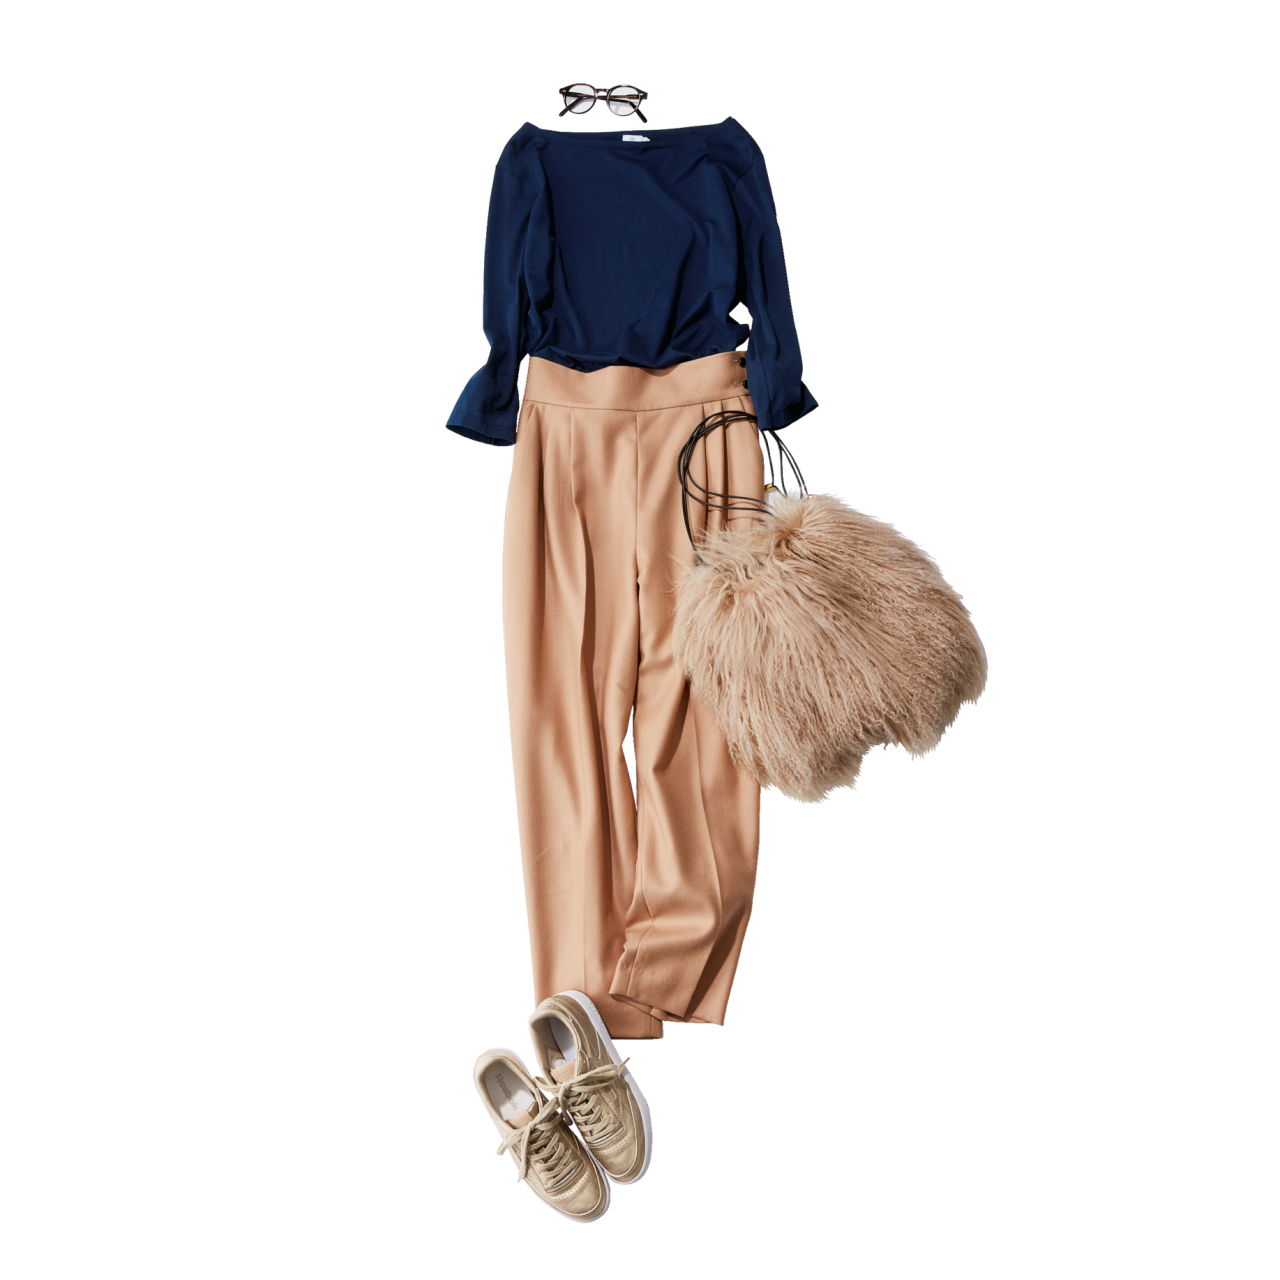 リーボックのベージュスニーカー×ネイビーカットソー&ベージュパンツのファッションコーデ